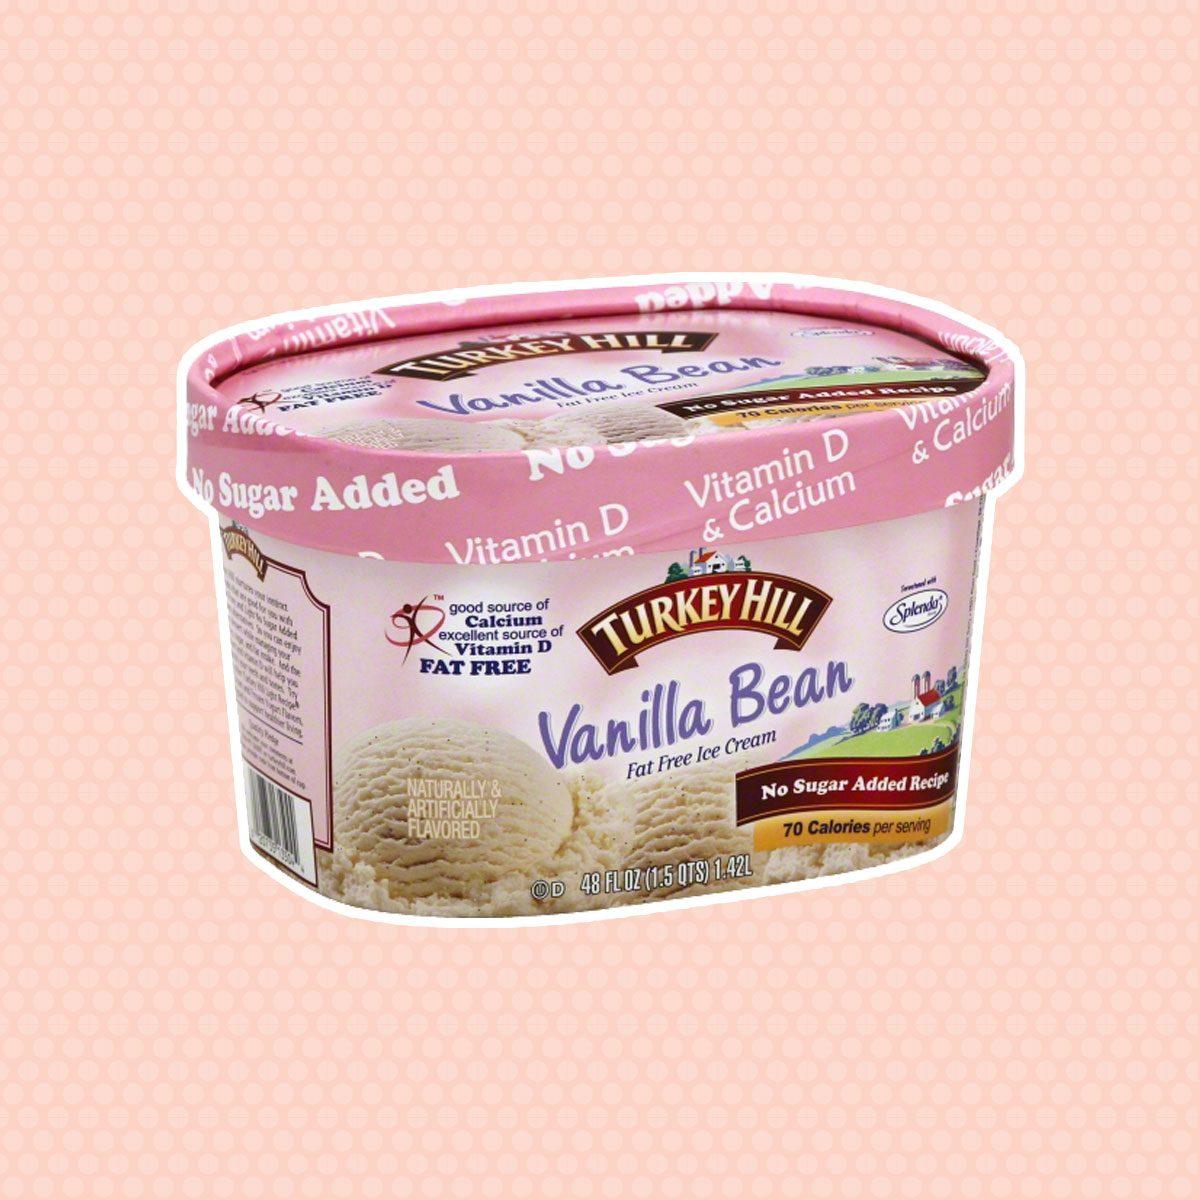 Turkey Hill Vanilla Bean Fat Free No Sugar Added Recipe Ice Cream 48 fl. oz. Tub